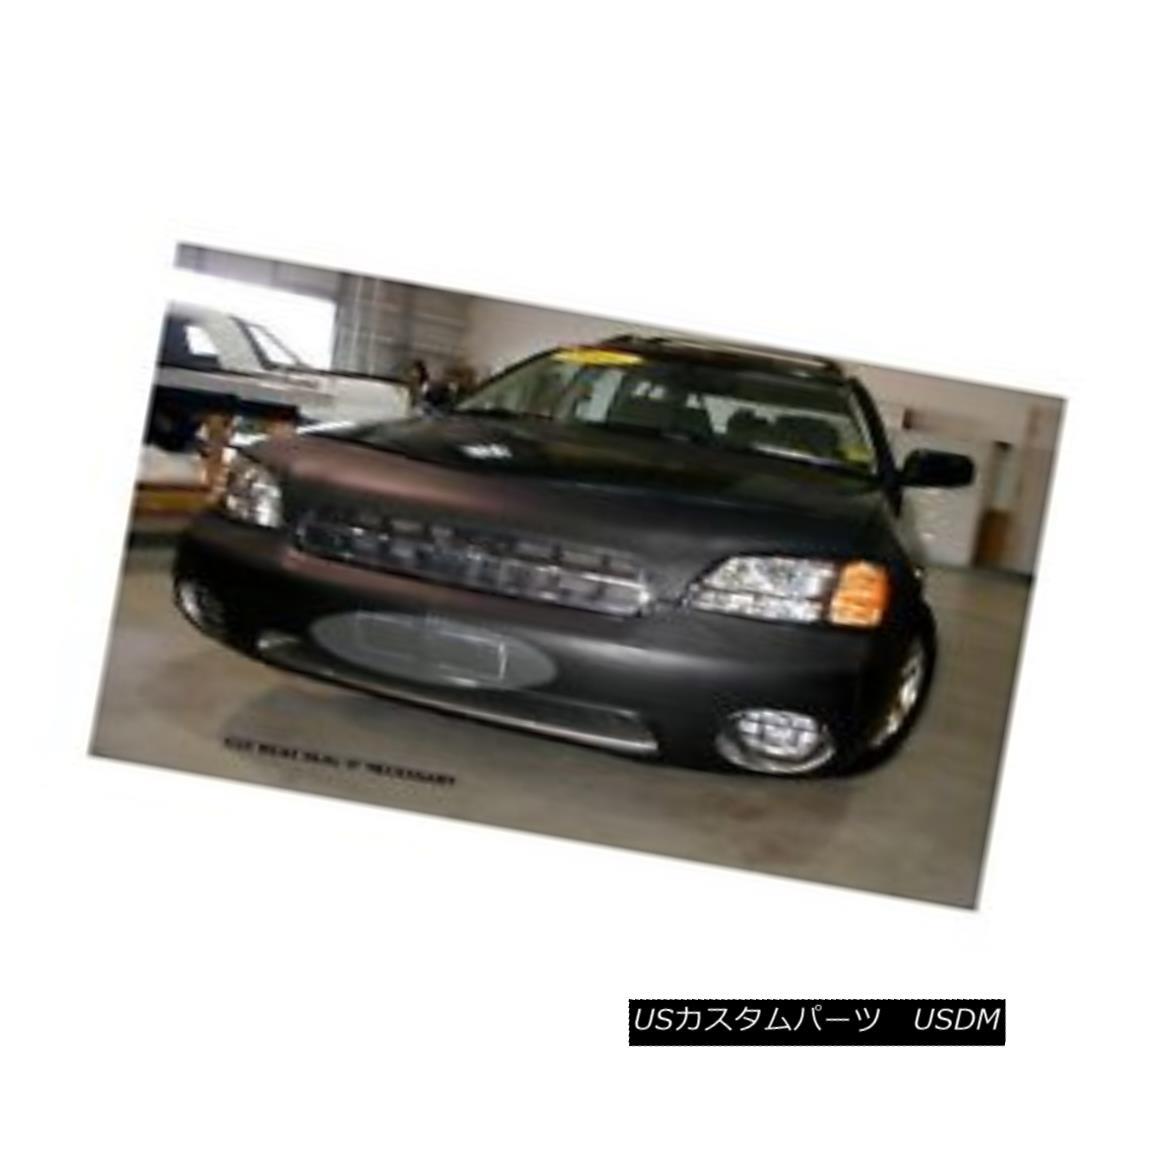 フルブラ ノーズブラ Lebra Front End Mask Cover Bra Fits SUBARU OUTBACK Sedan & Wagon 2000-2002 LebraフロントエンドマスクカバーブラはSUBARU OUTBACKに適合Sedan& ワゴン2000-2002